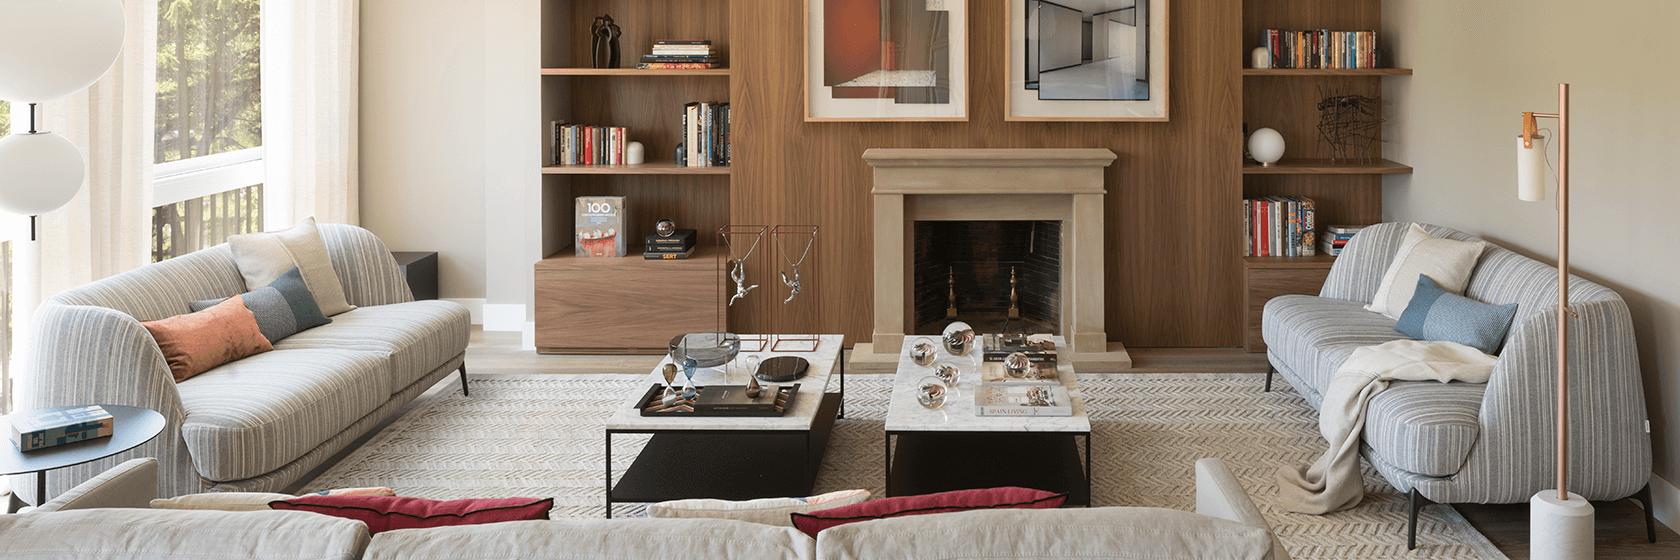 Abans i després: Habitatge Diagonal | The Room Studio